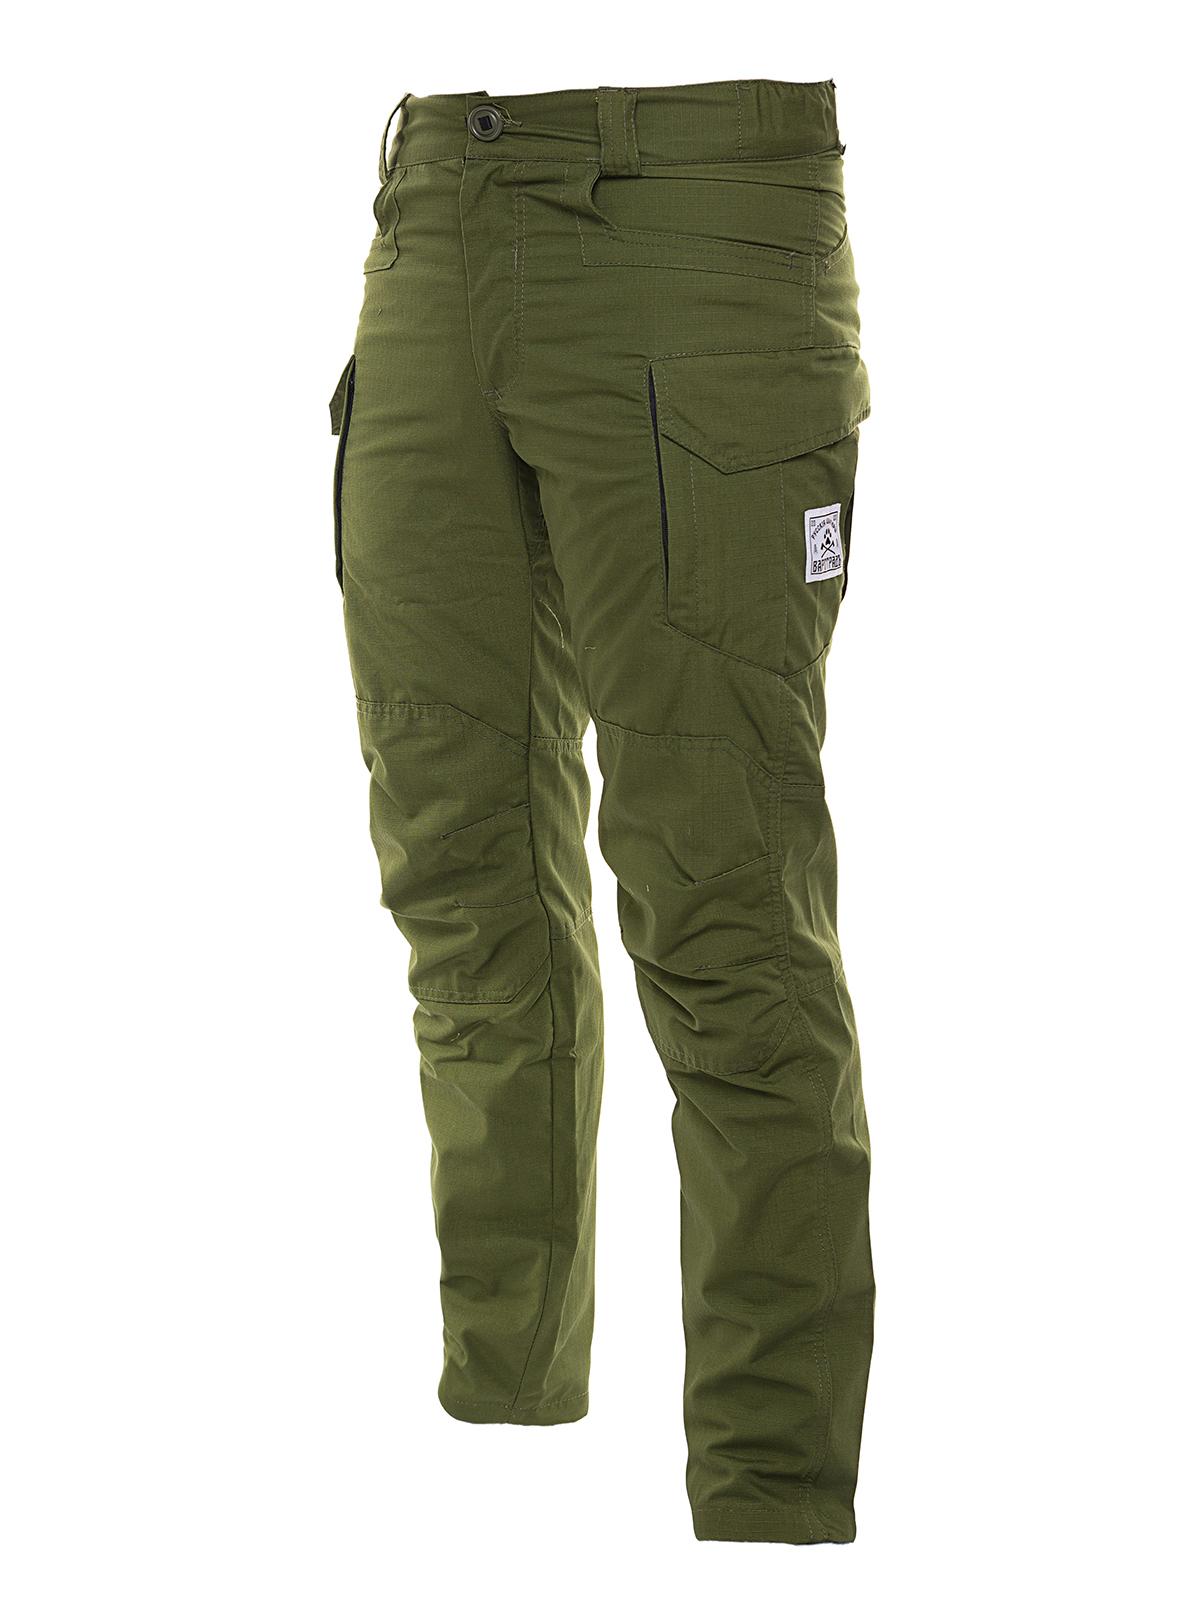 купить тактические брюки ВАРГГРАДЪ олива в интернет-магазине